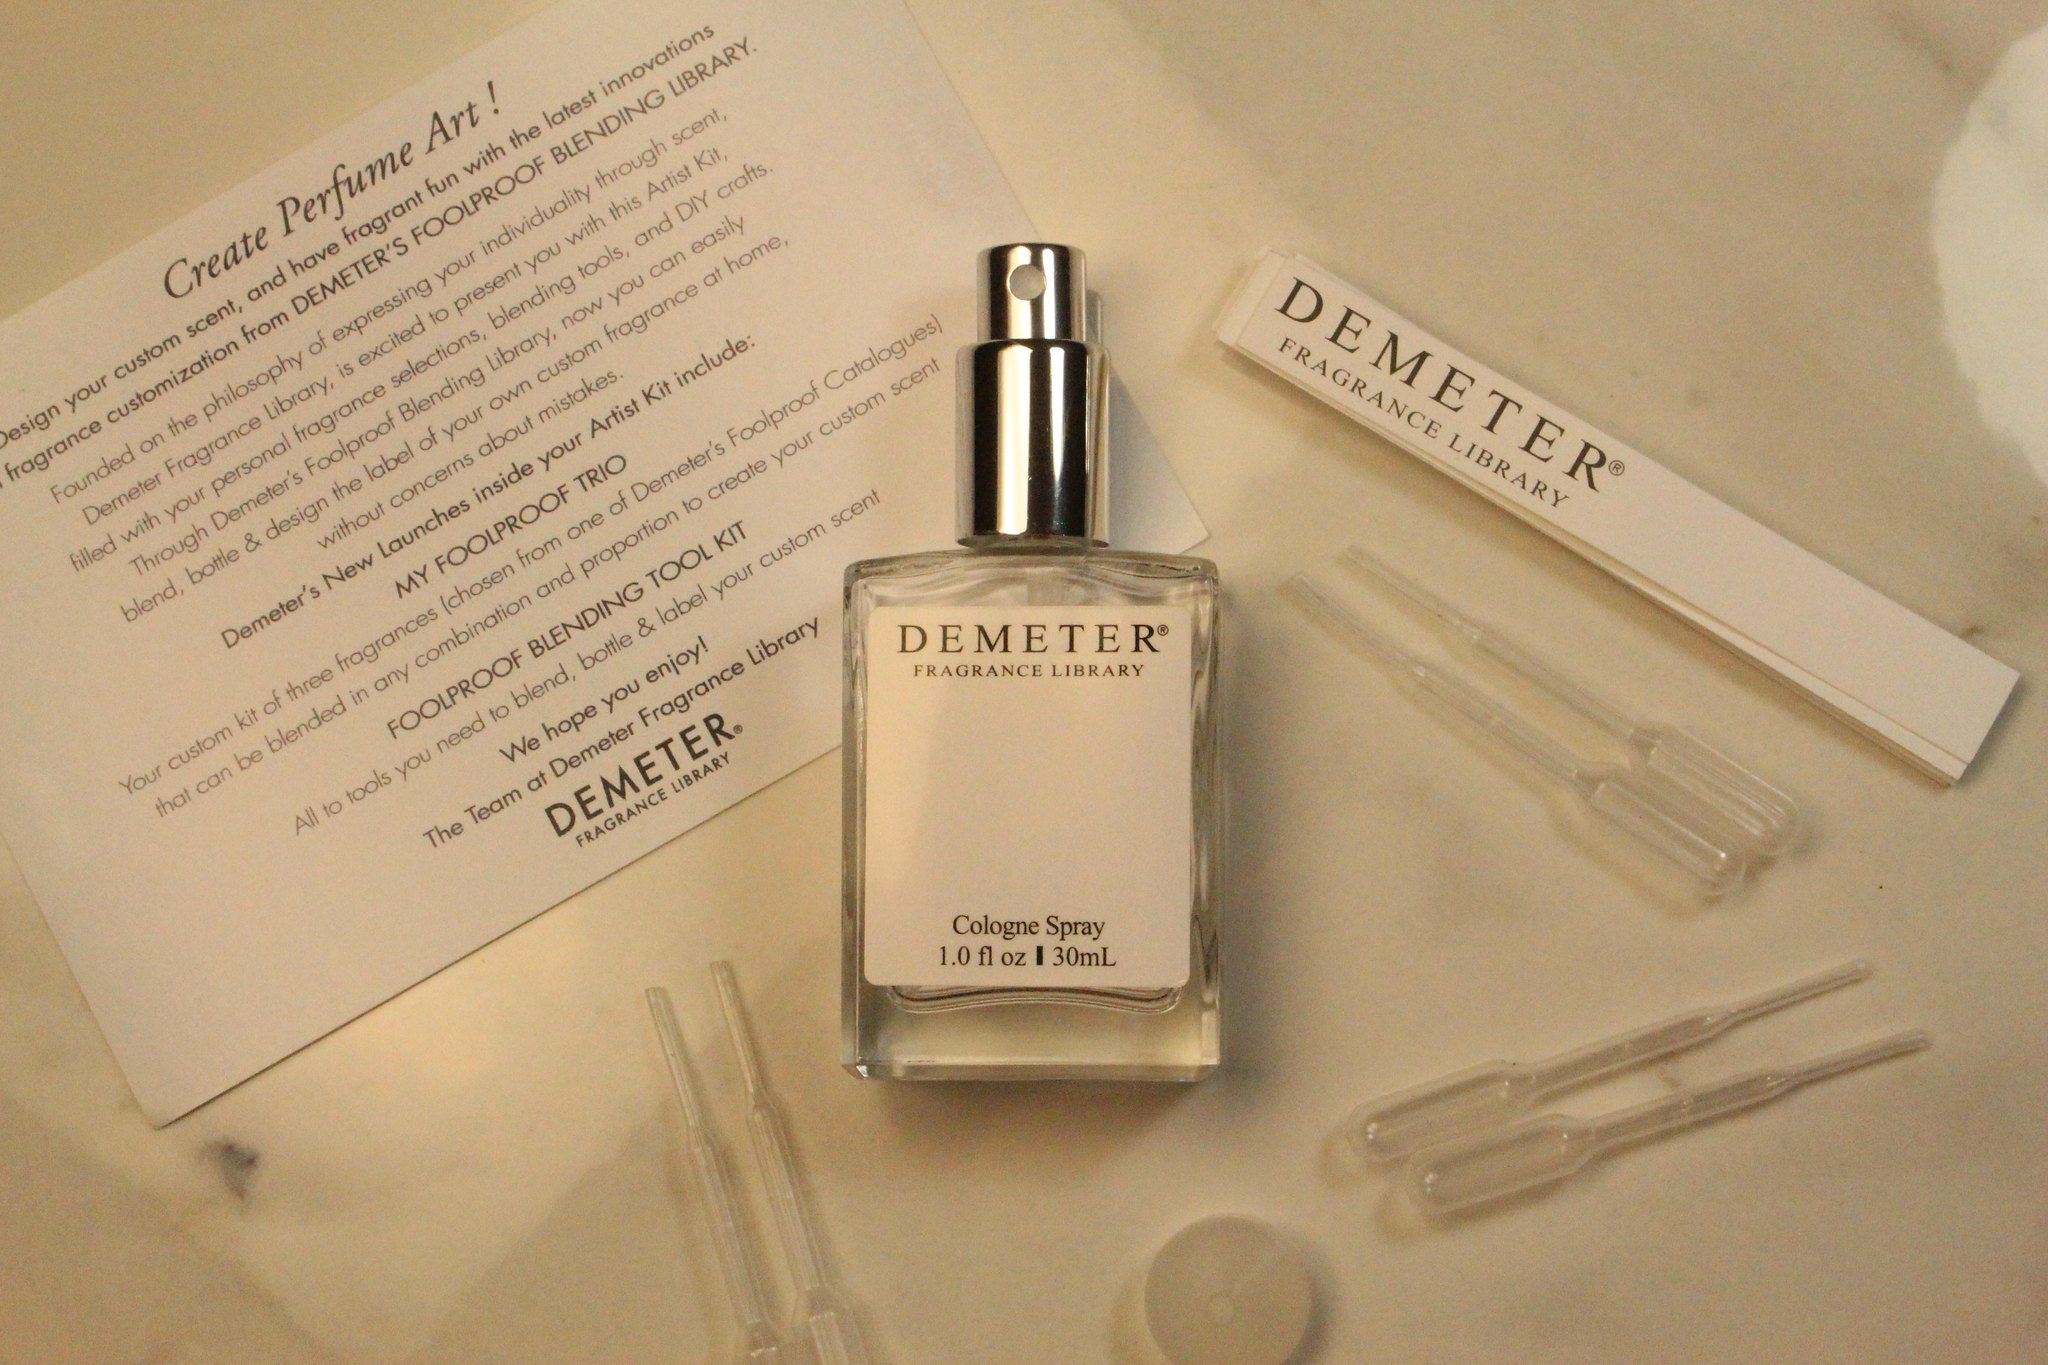 Demeter Fragrance Library Foolproof Blending Tool Kit